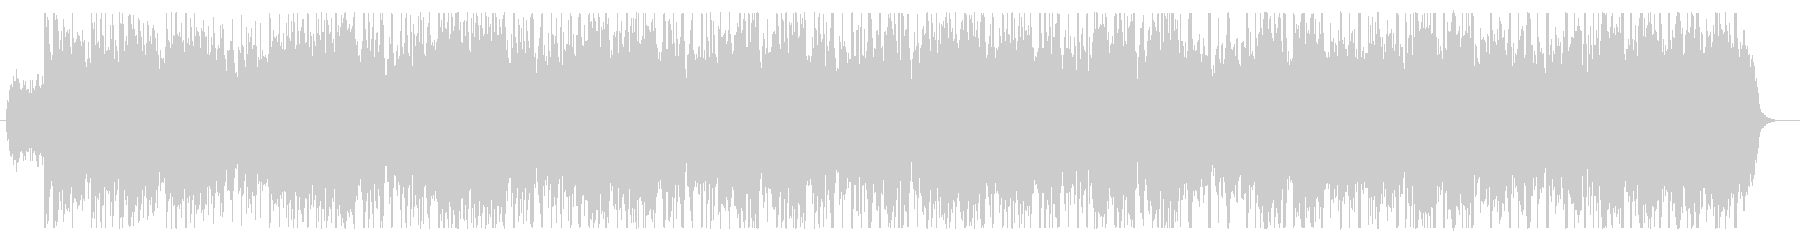 ピアノとストリングスの爽やかなグルーブの未再生の波形